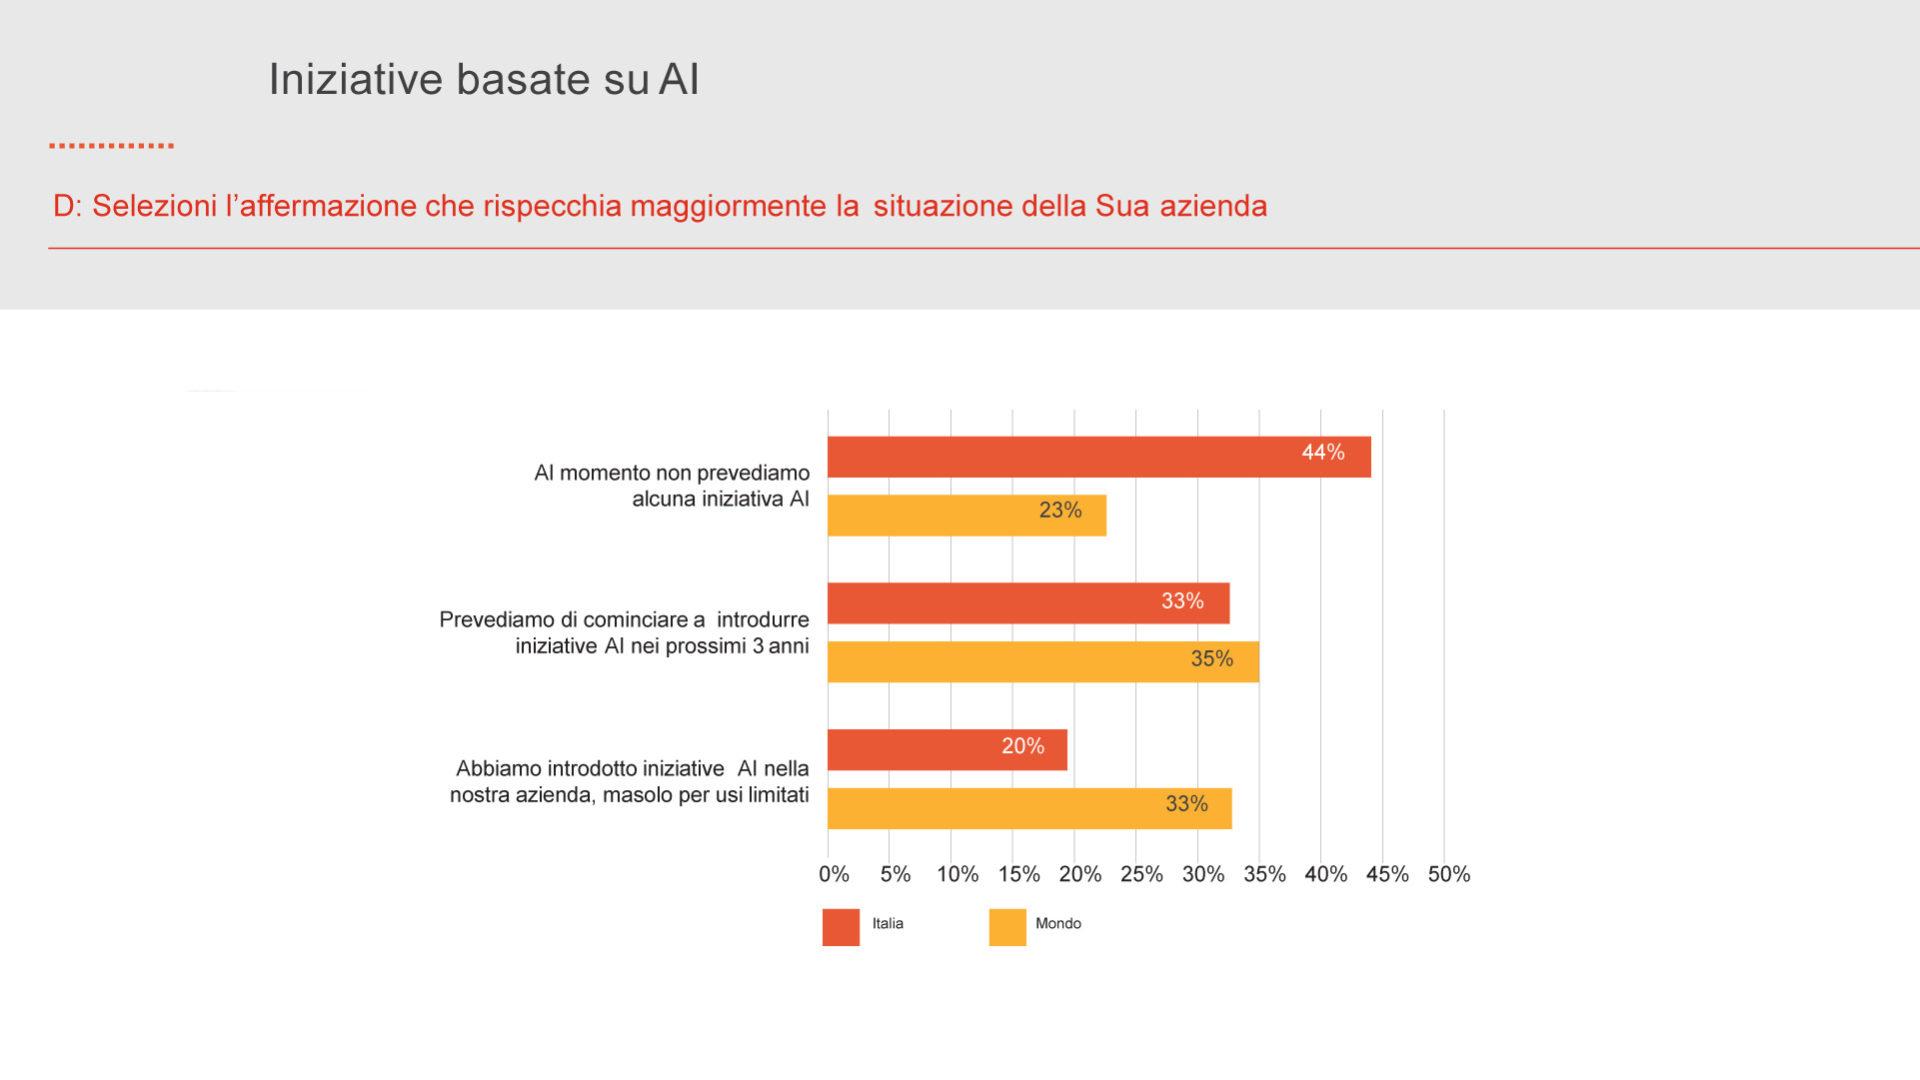 grafico che mostra lo Sviluppo di iniziative basate sull'AI